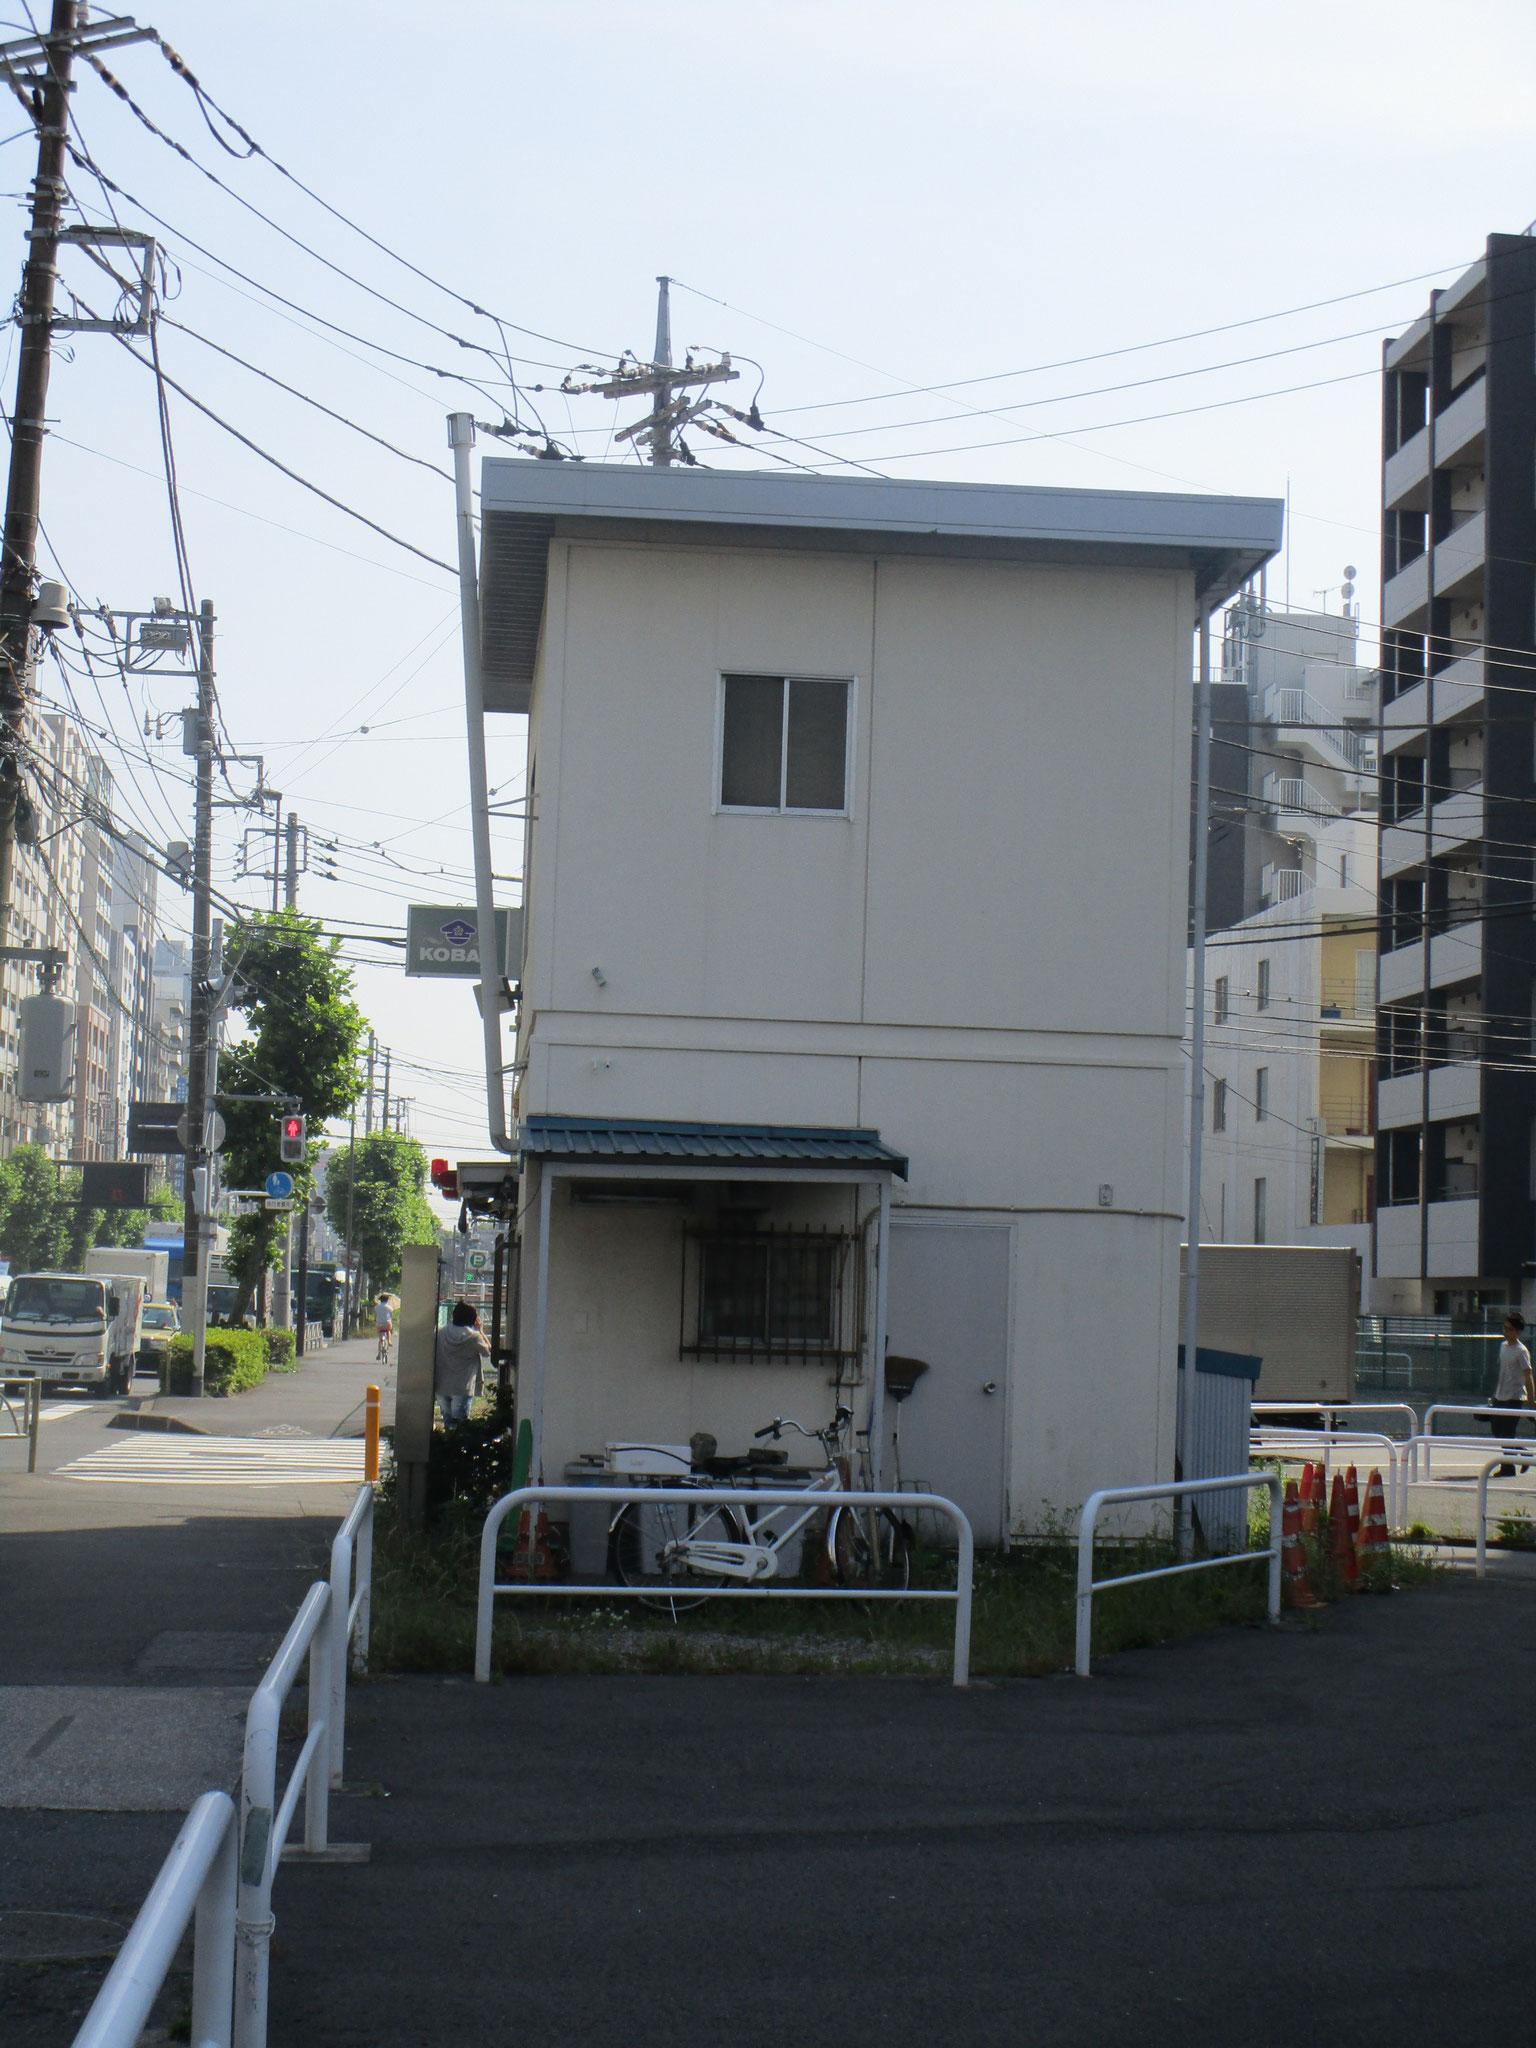 前面道路(第一京浜)を渡った所には交番も。防犯ばっちりです